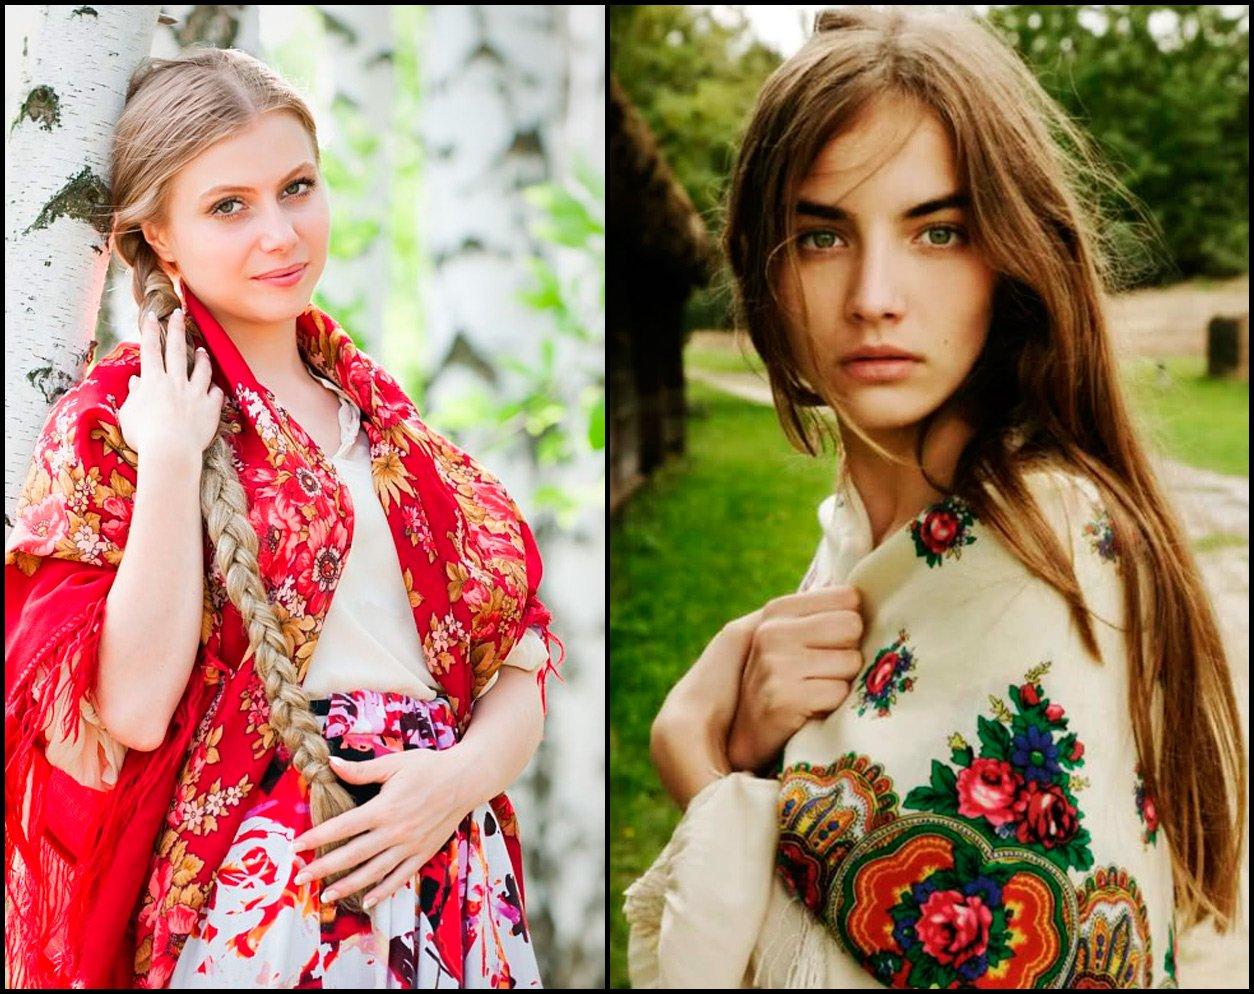 Связанные девушки платками 7 фотография